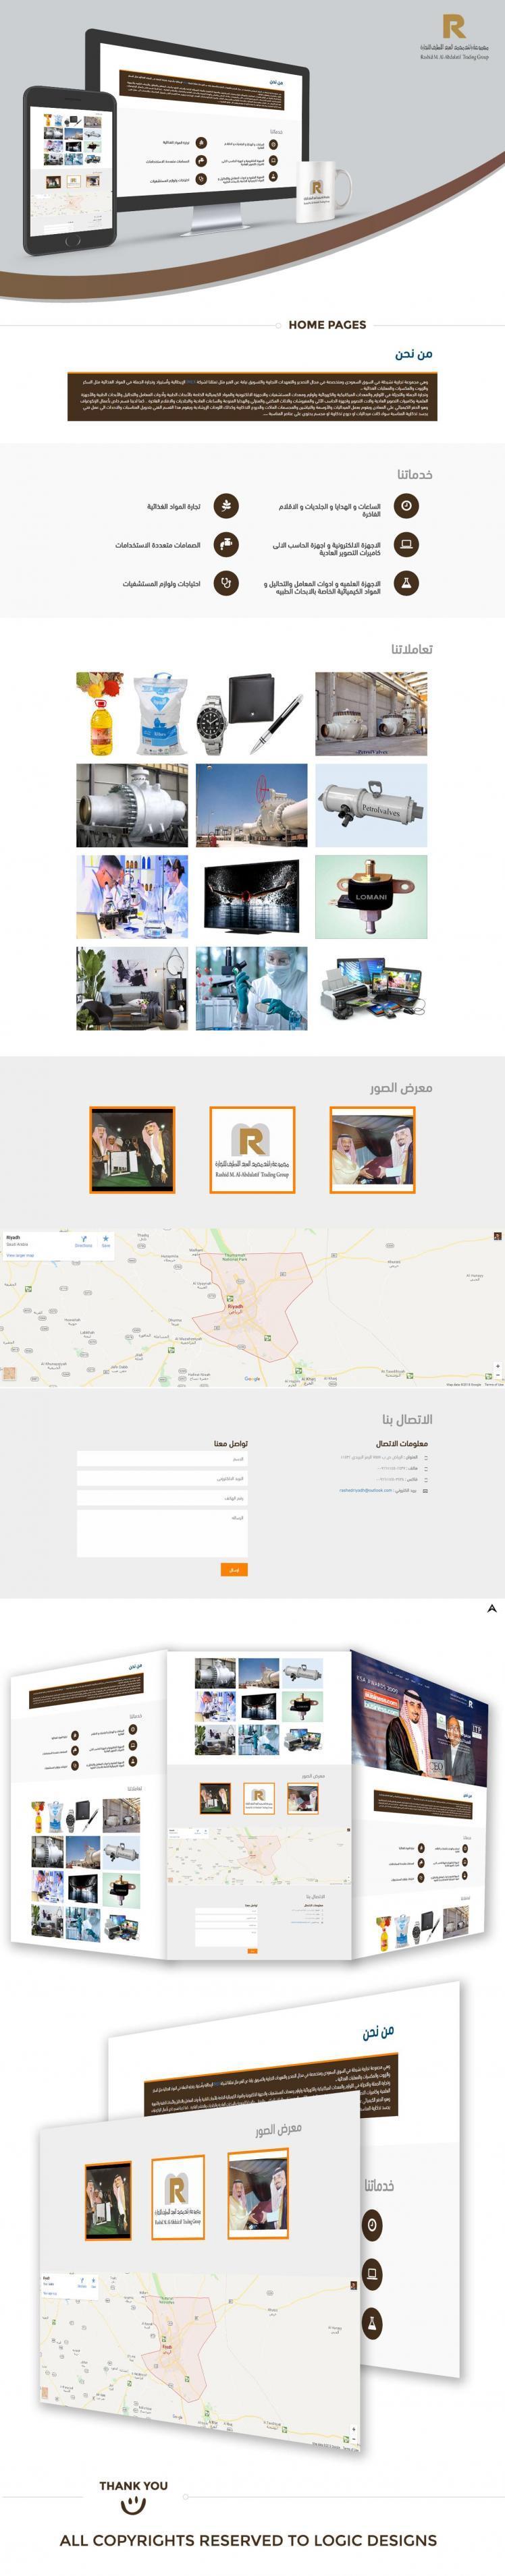 مجموعة راشد محمد العبداللطيف للتجارة